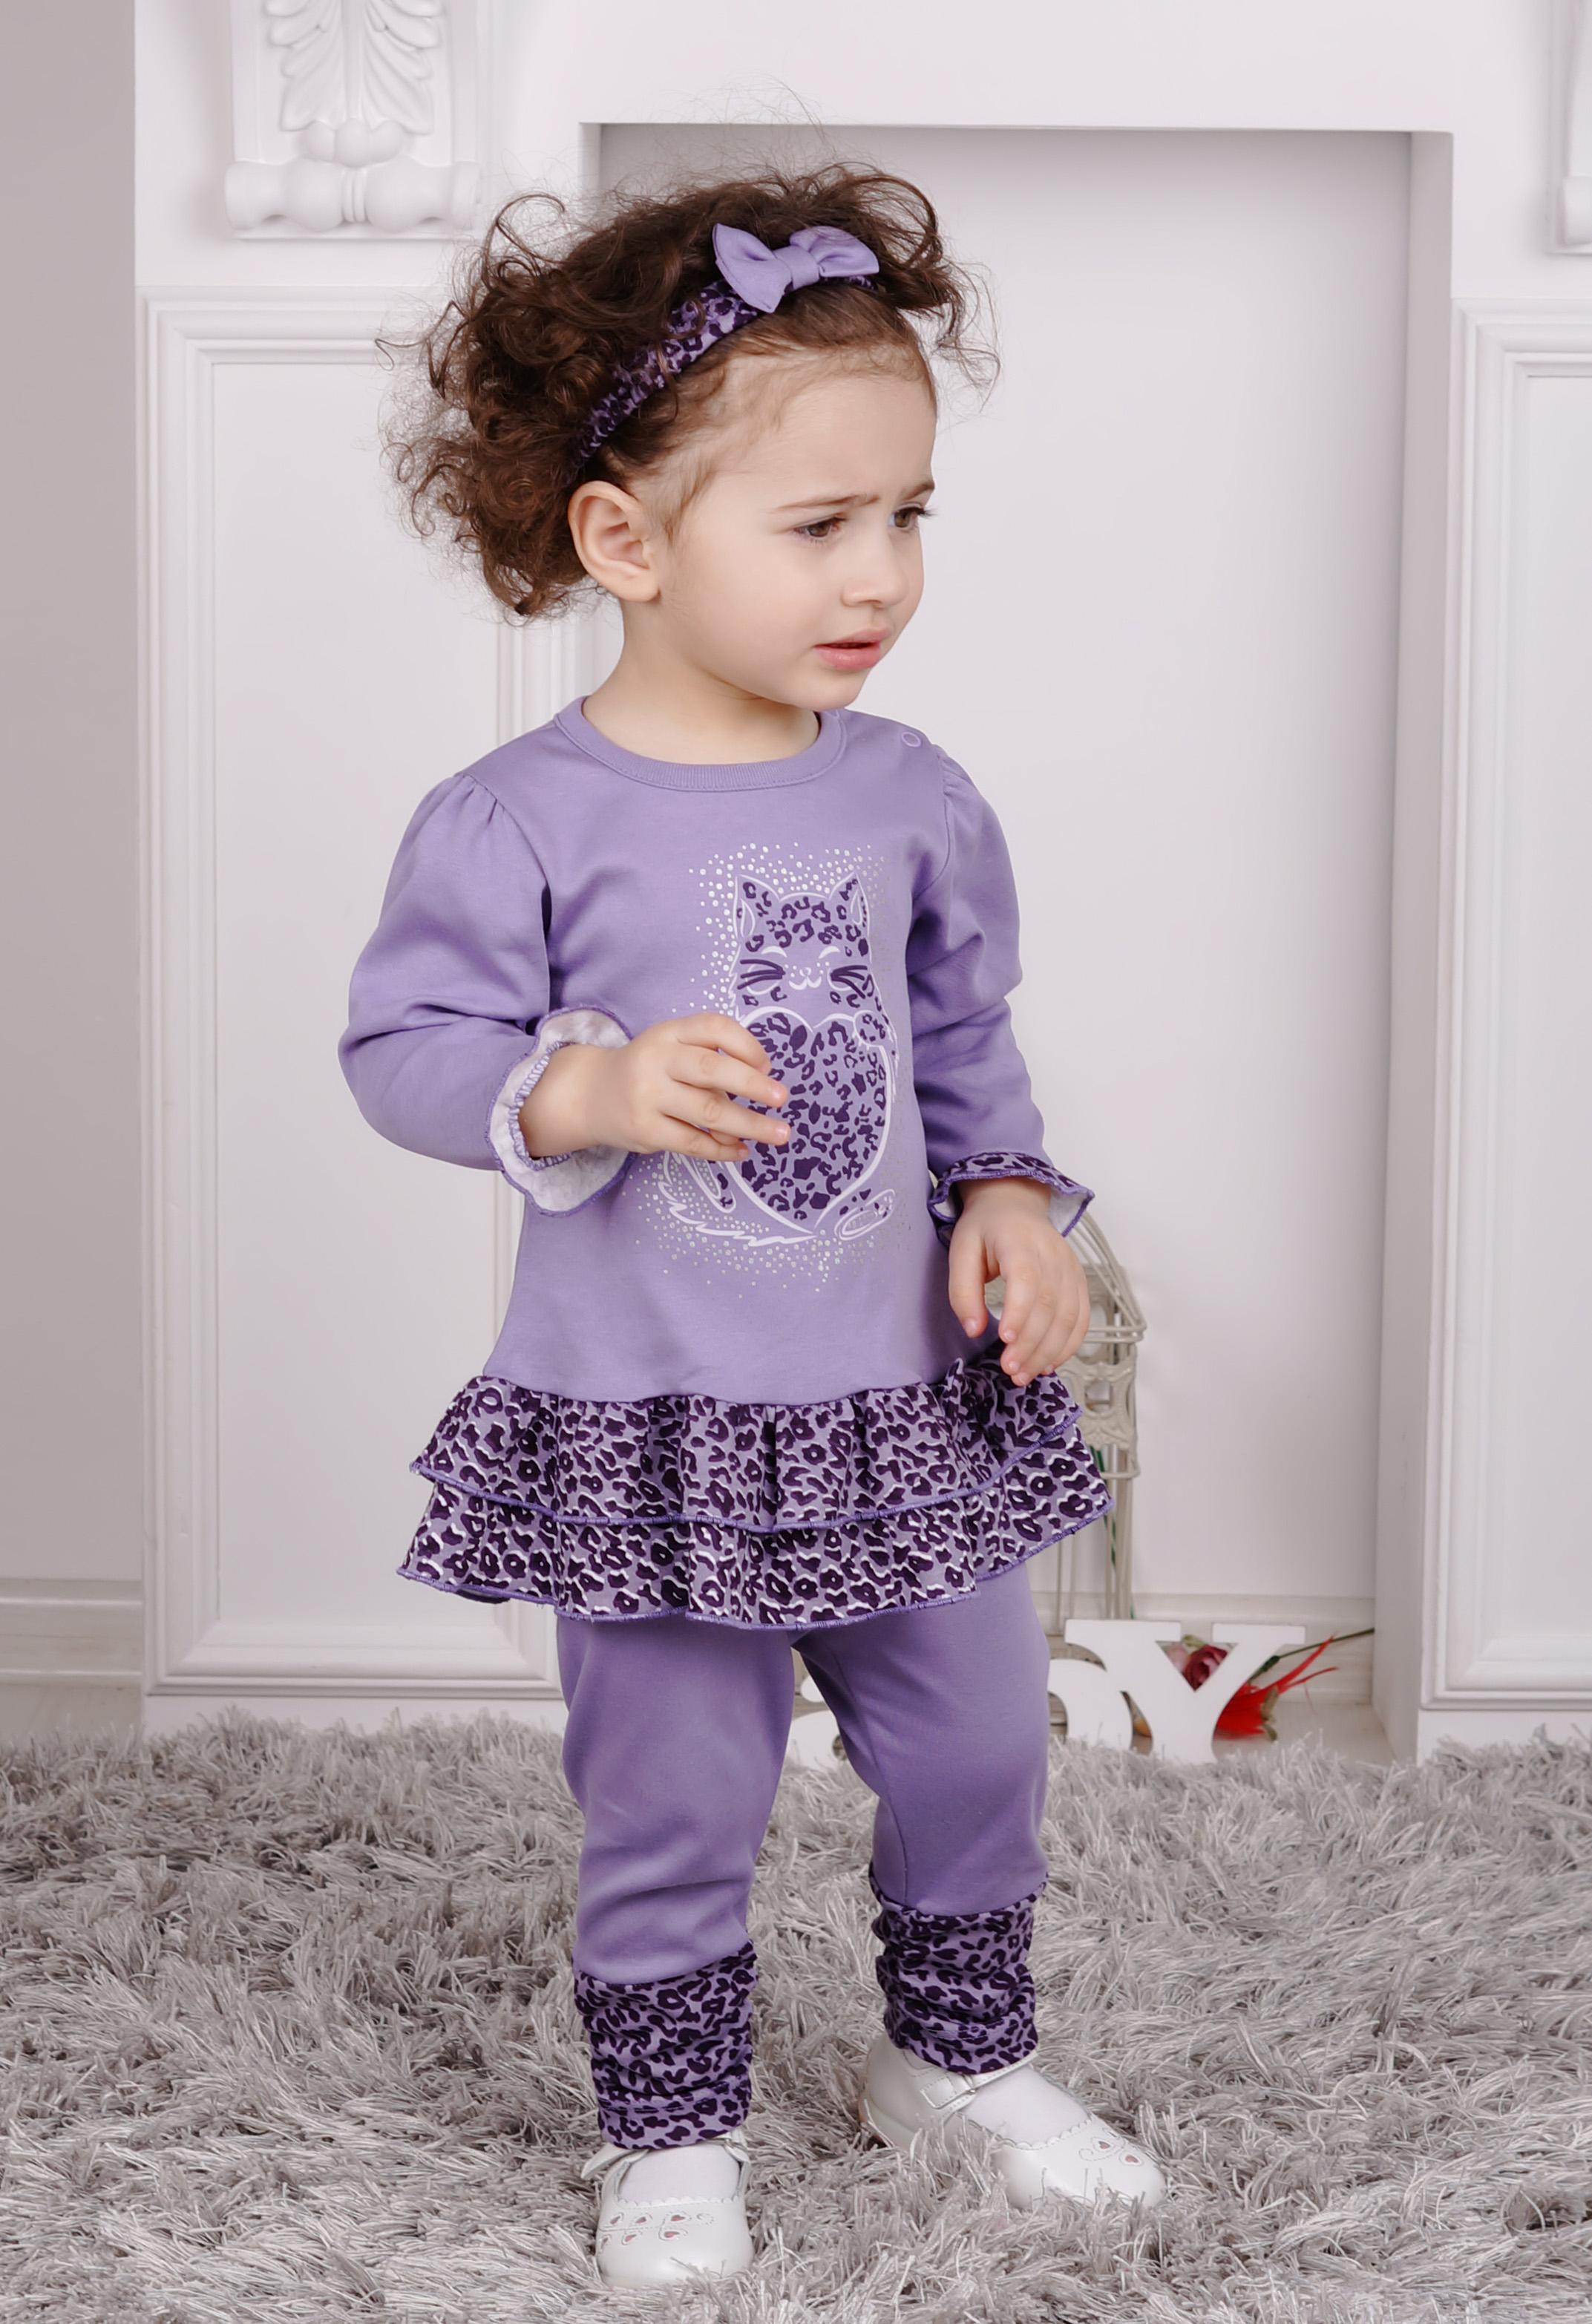 Сбор заказов. Эксклюзивный трикотаж для малышей от р.62 по р98 напрямую от российского производителя ATF Group